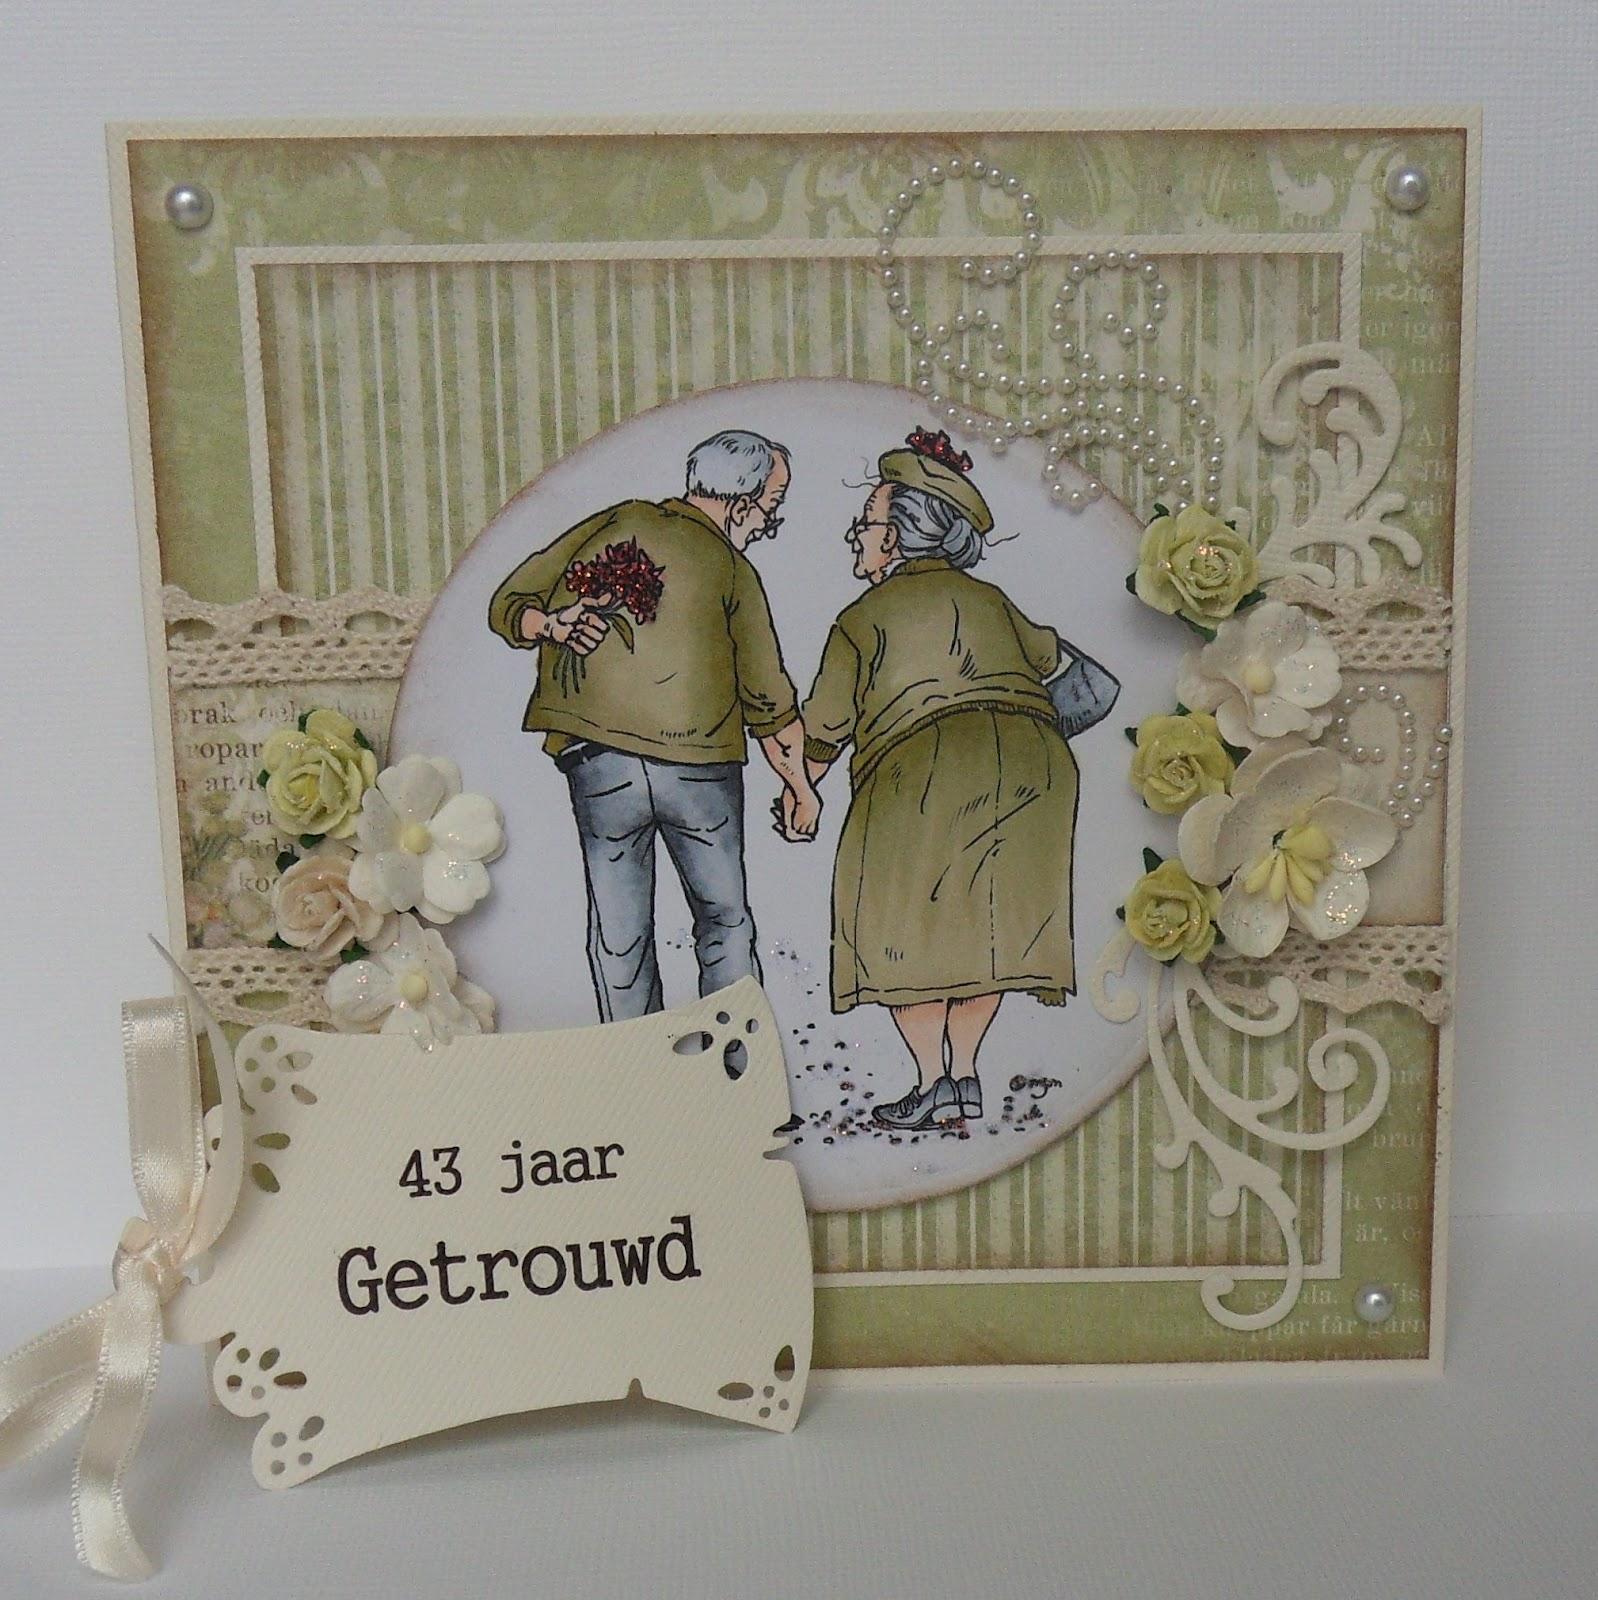 43 jaar getrouwd 43 Jaar Gehuwd   ARCHIDEV 43 jaar getrouwd